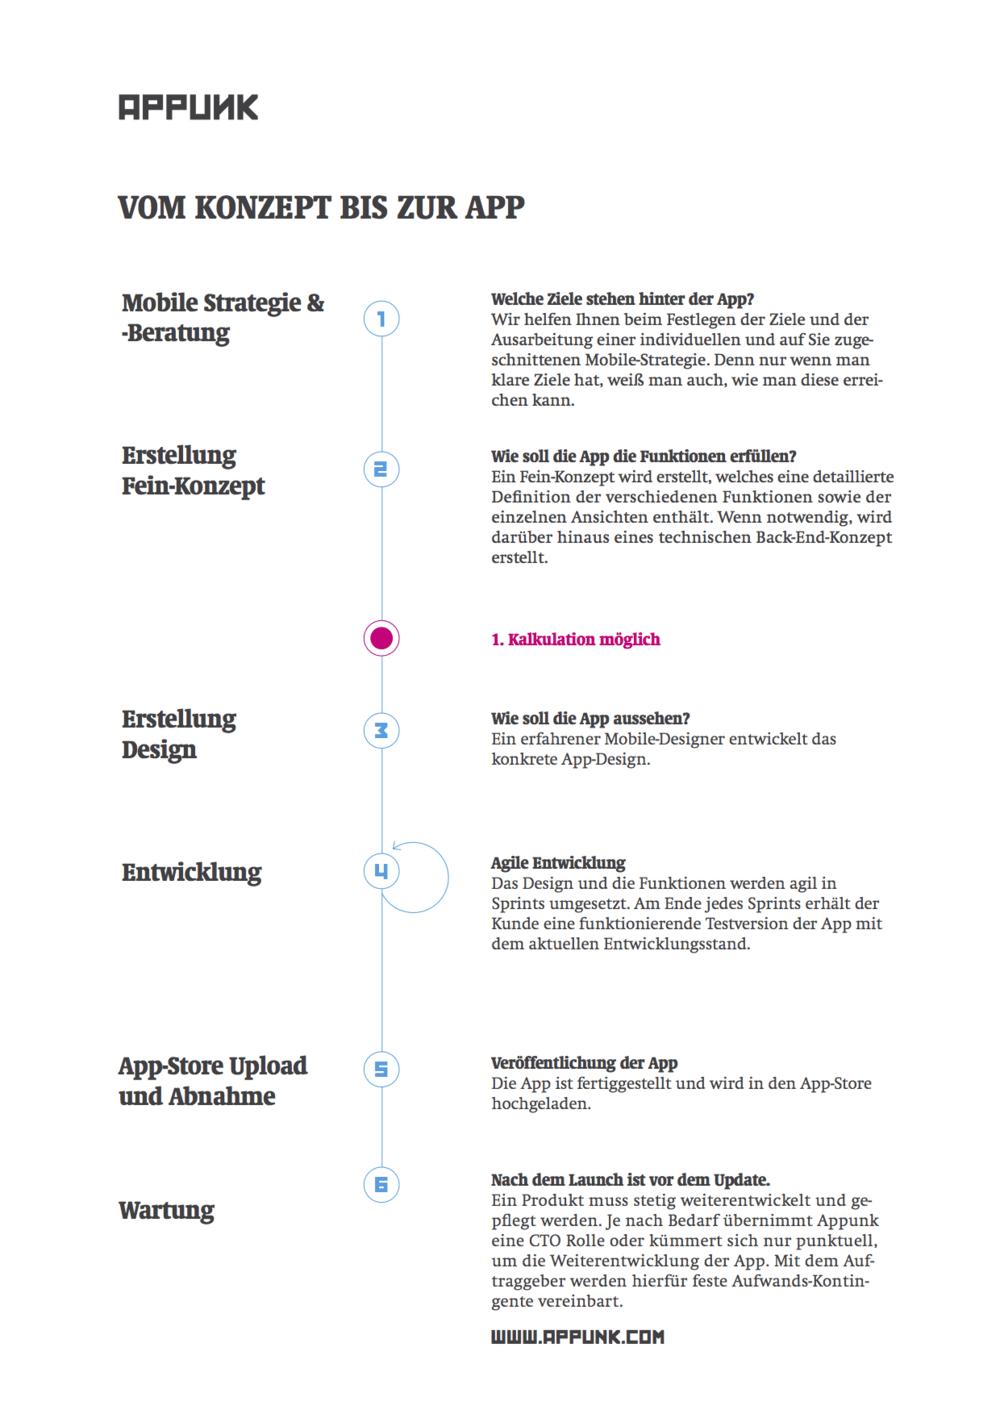 Der typische Ablauf eines App-Projektes bei Appunk